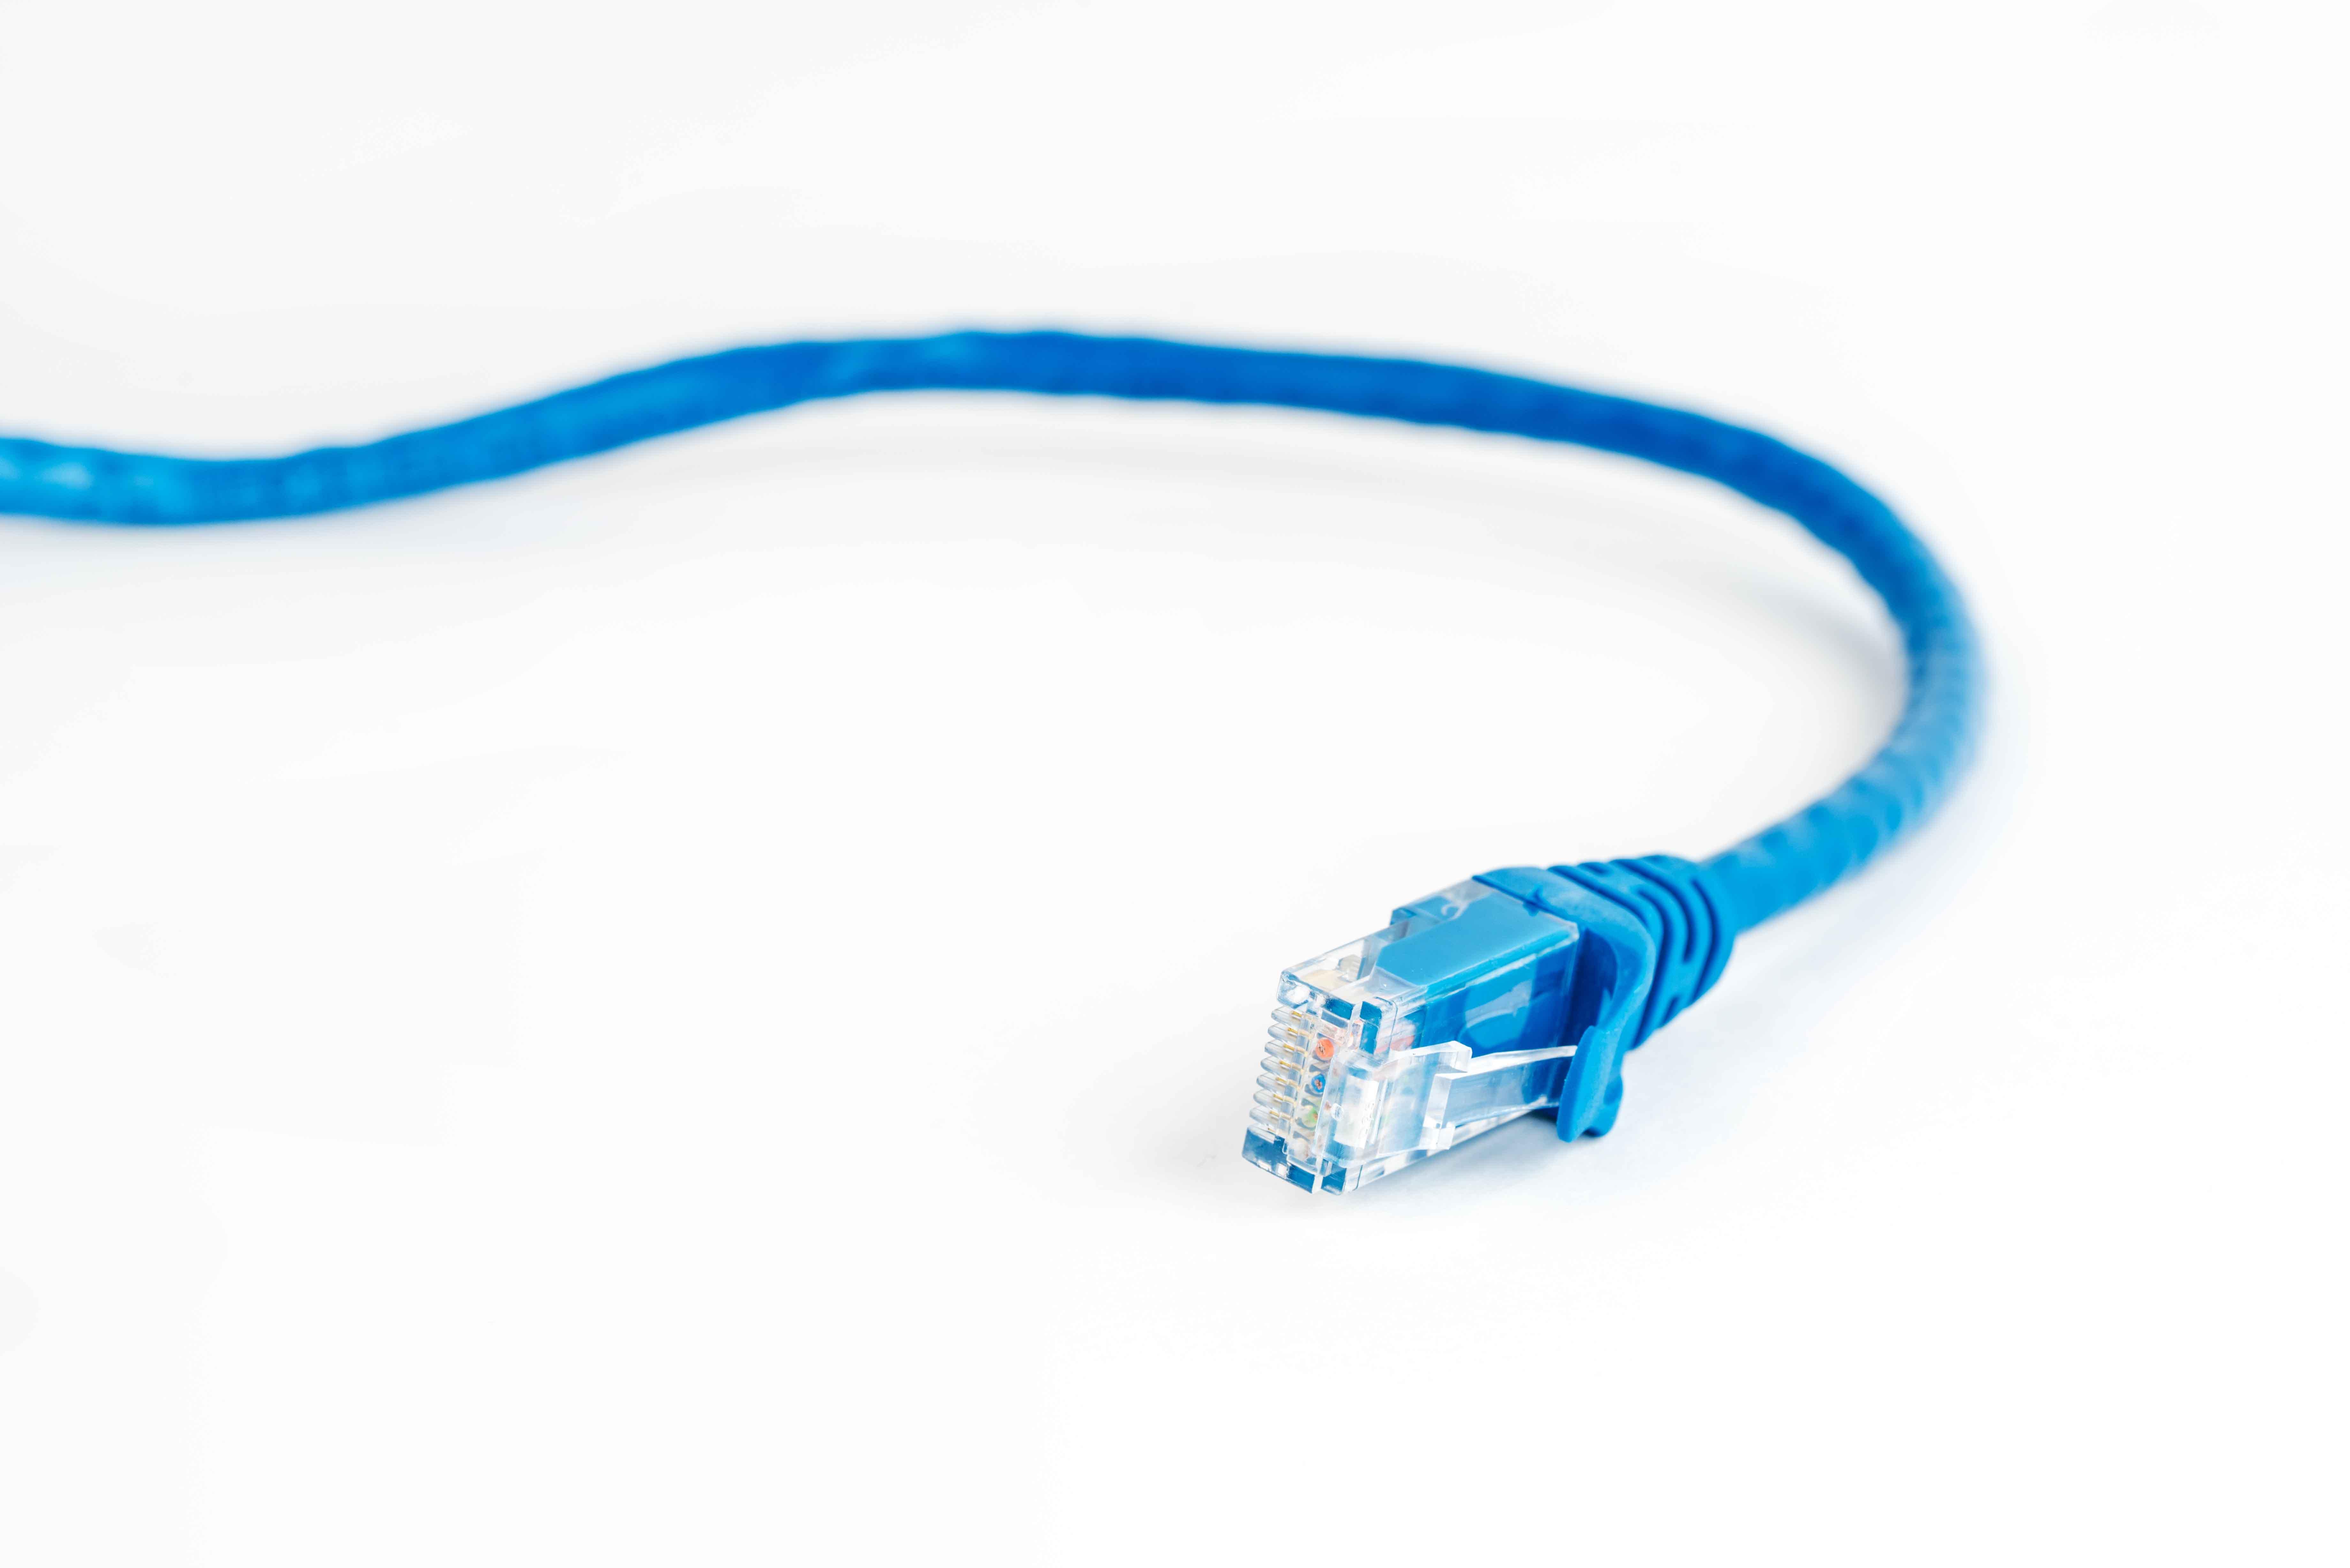 Cable conexión telefónica